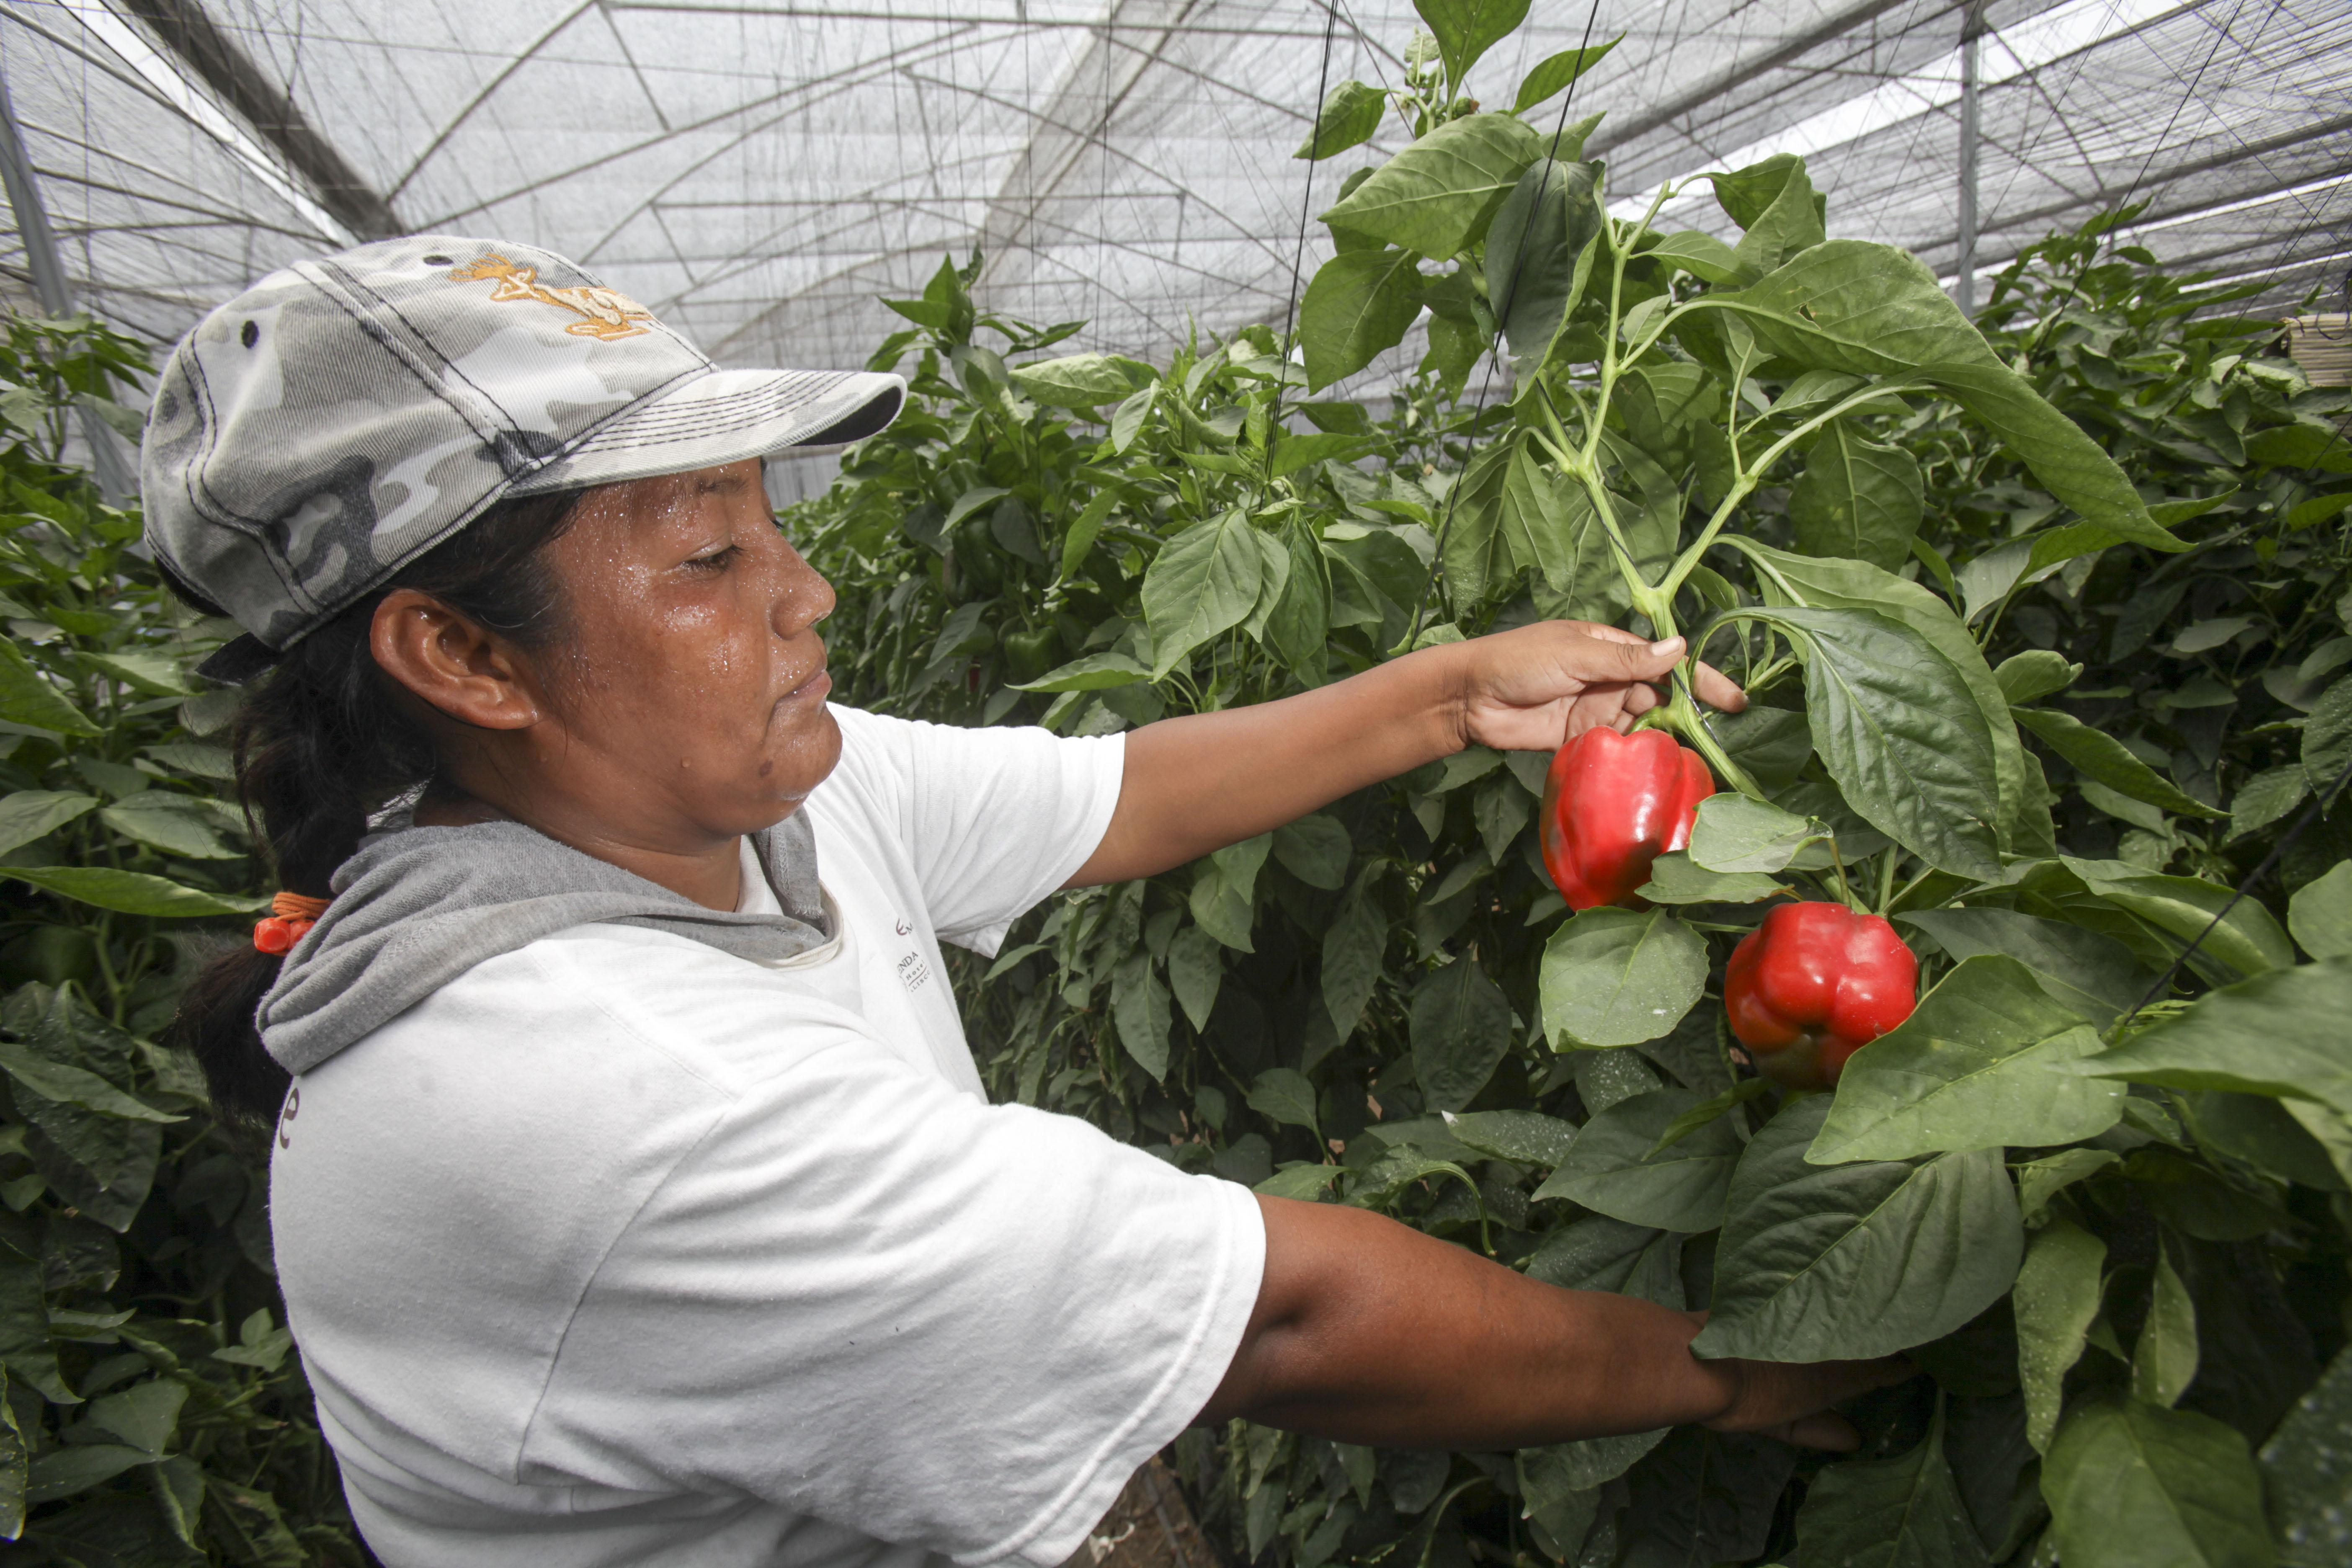 La producción de chile en sus diferentes variedades en México alcanzó las 2.3 millones de toneladas, con un valor que rebasa los 22 mil 500 millones de pesos.